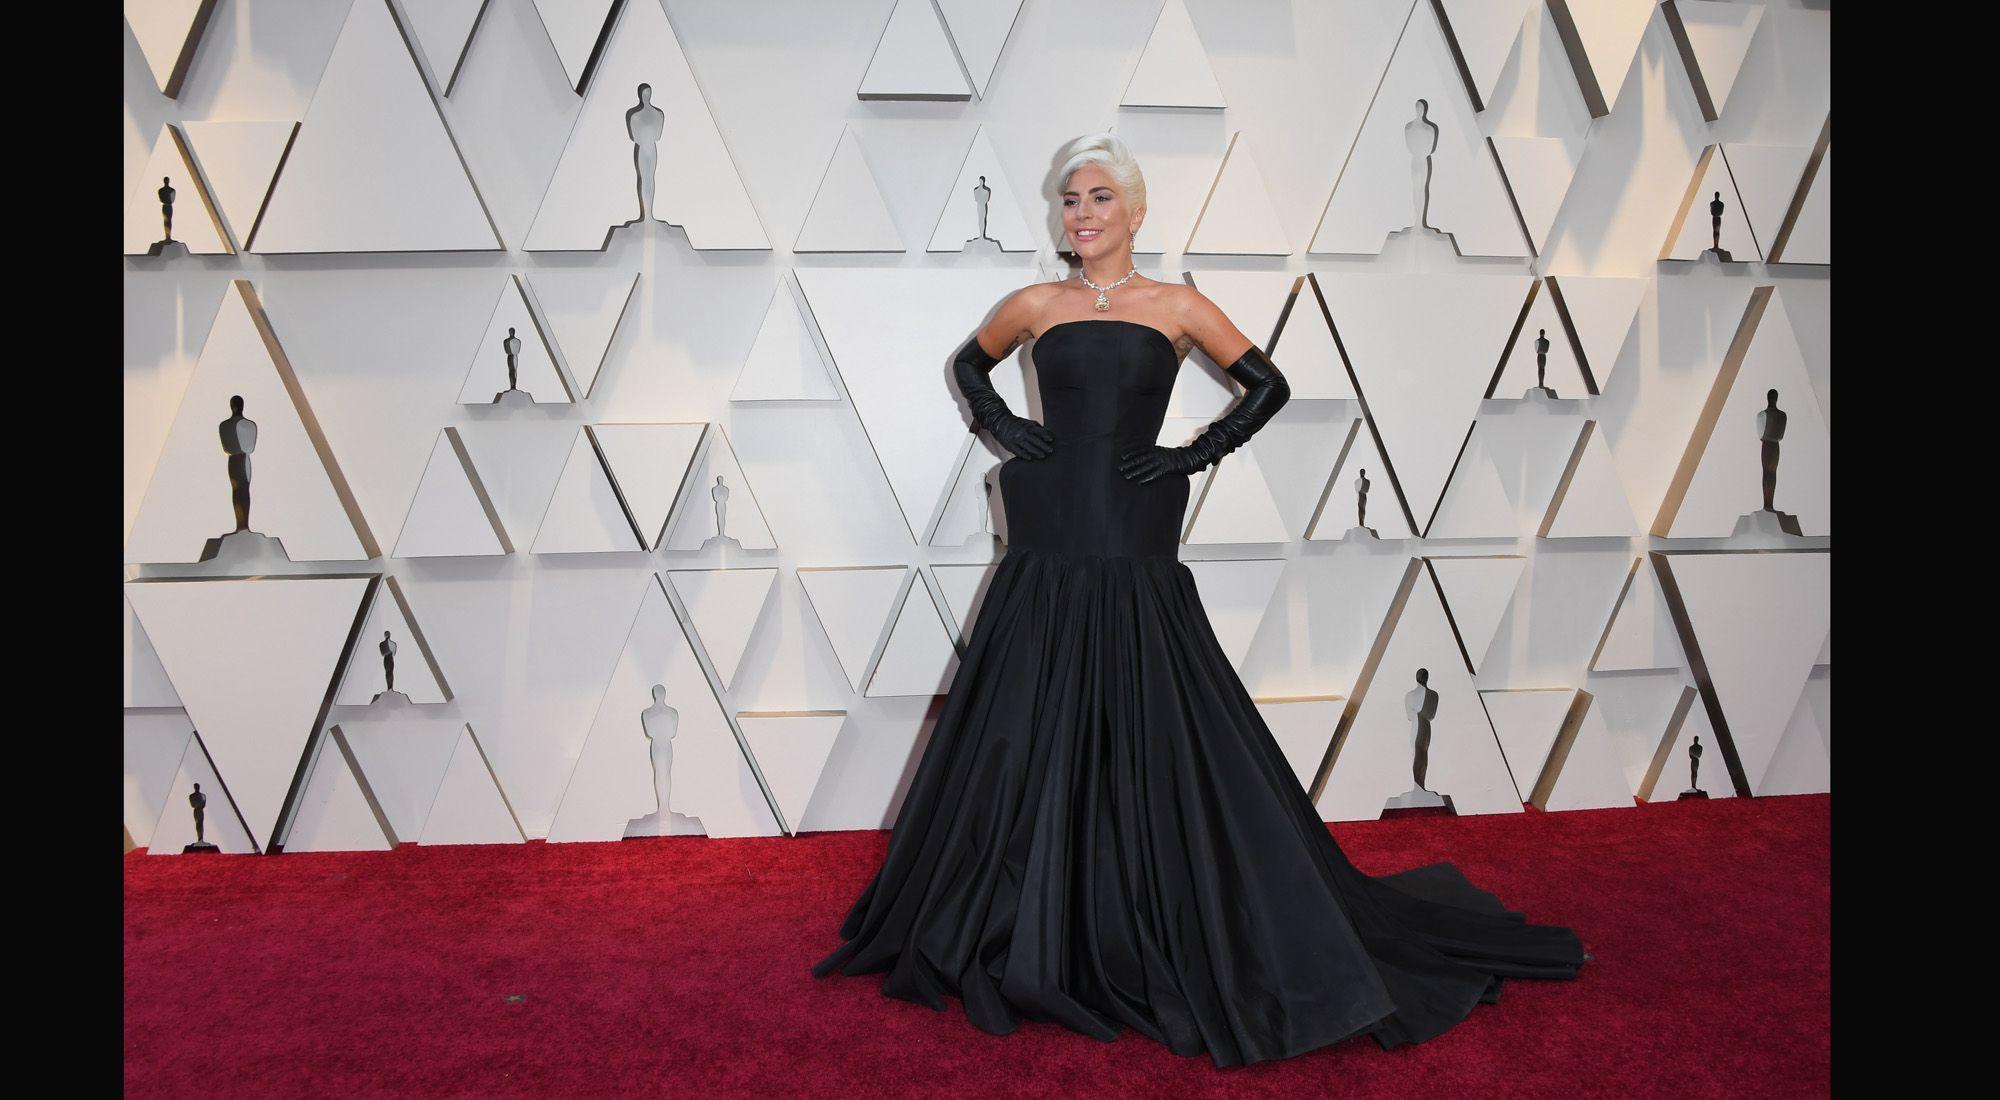 d0148d6233 Entre las estrellas que desfilaron a través de la Alfombra Roja, Benito  destaca Lady Gaga. La actriz de A Star is Born eligió un diseño dramático  de la casa ...